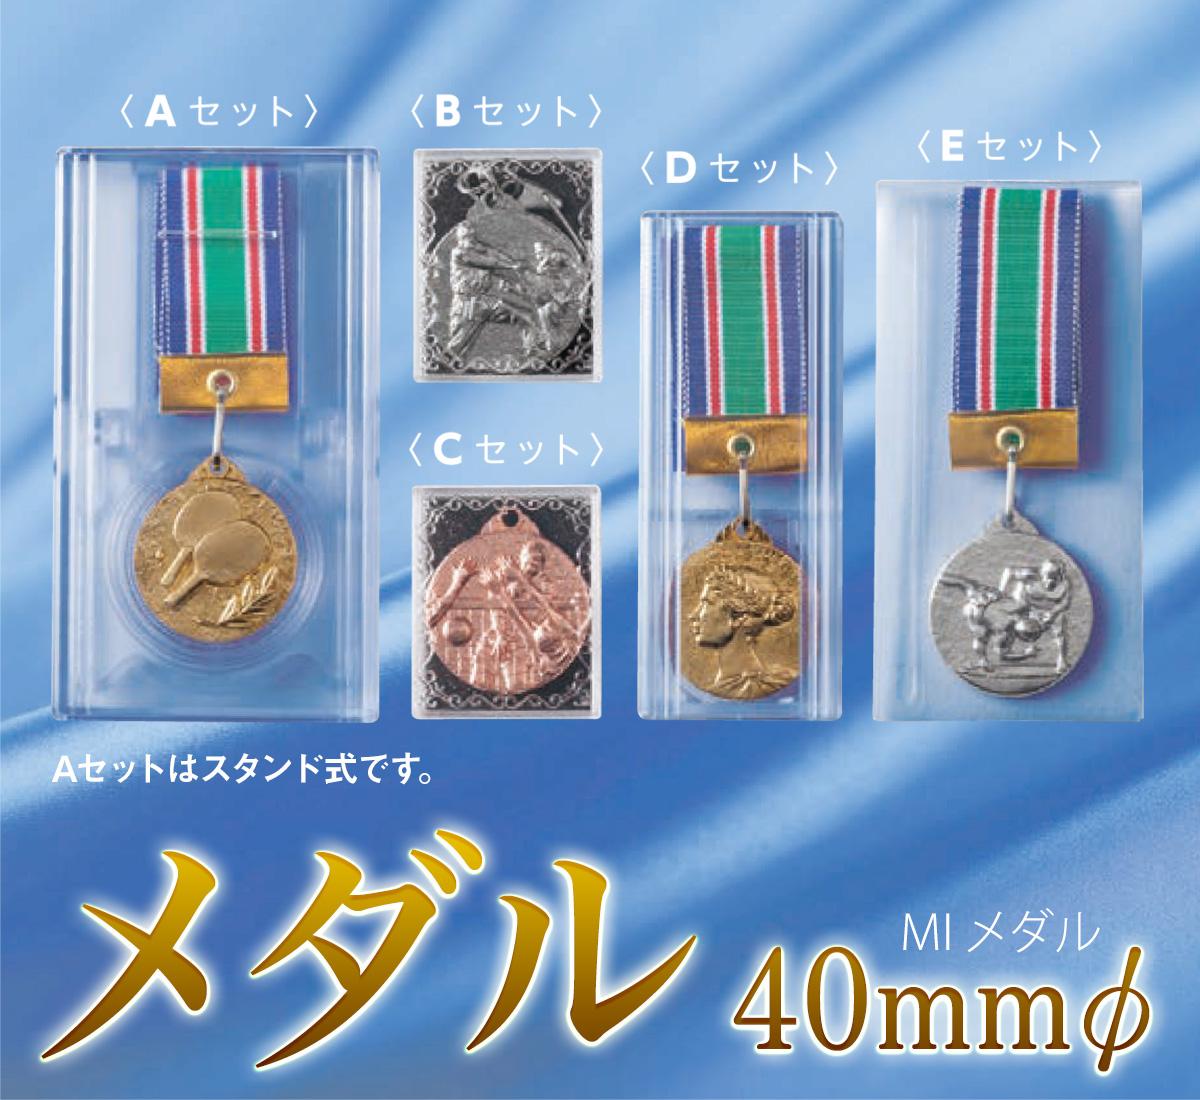 メダル 40mmφ MIメダル画像